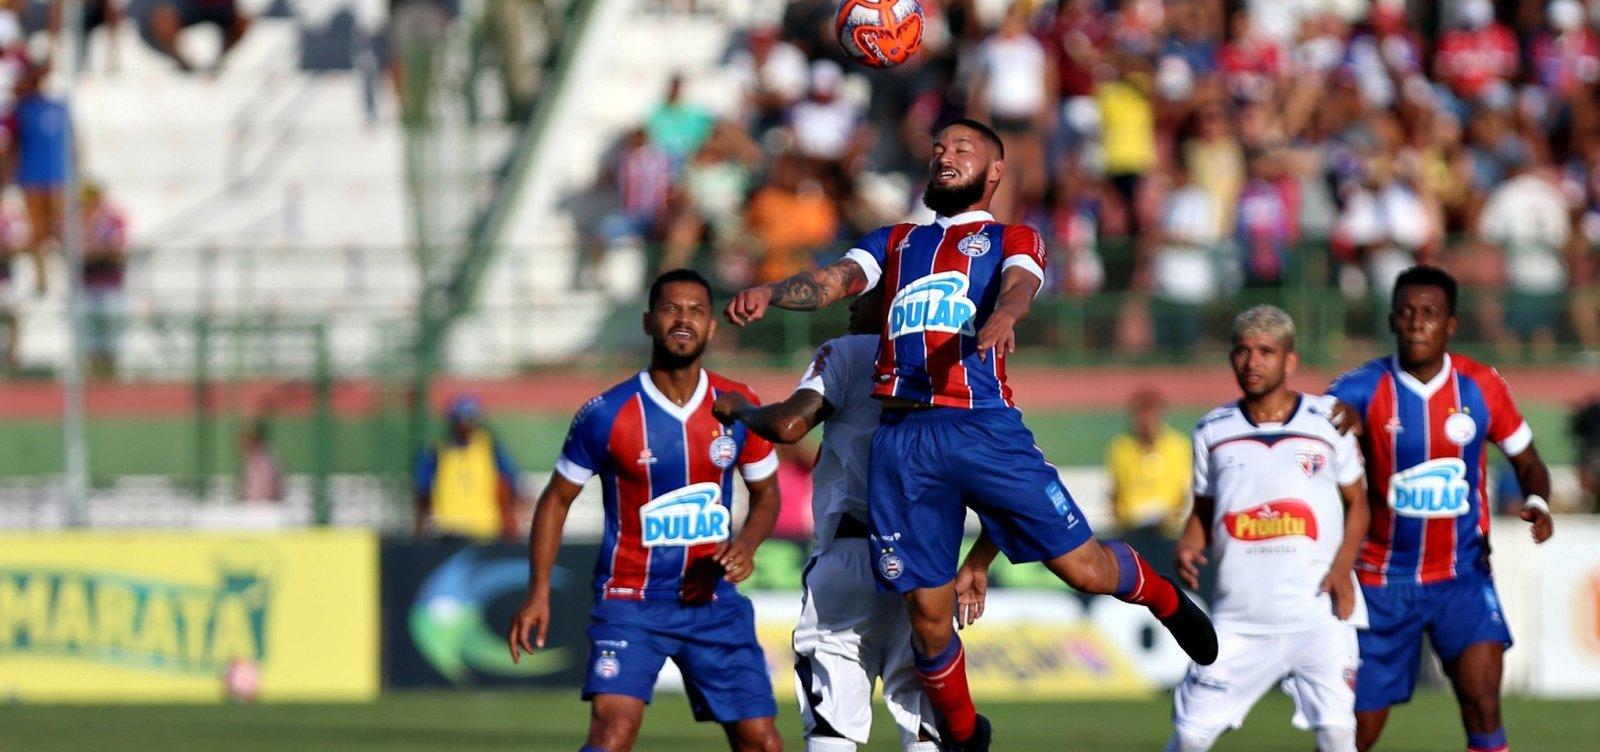 [Com gol aos 52 do segundo tempo, Bahia e Bahia de Feira empatam em 1 a 1 na primeira final do Baianão]